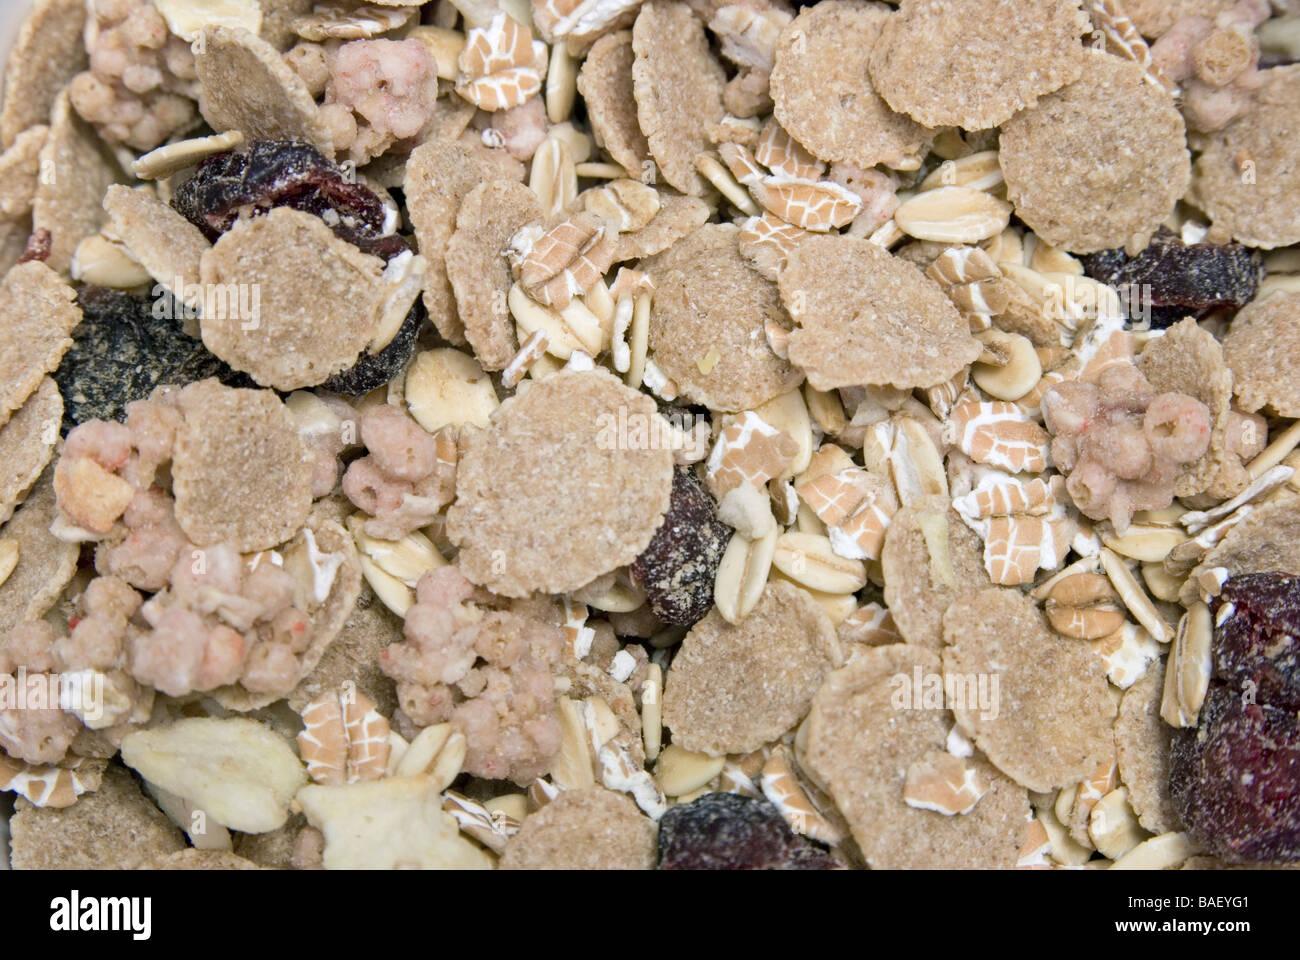 muesli cereals - Stock Image